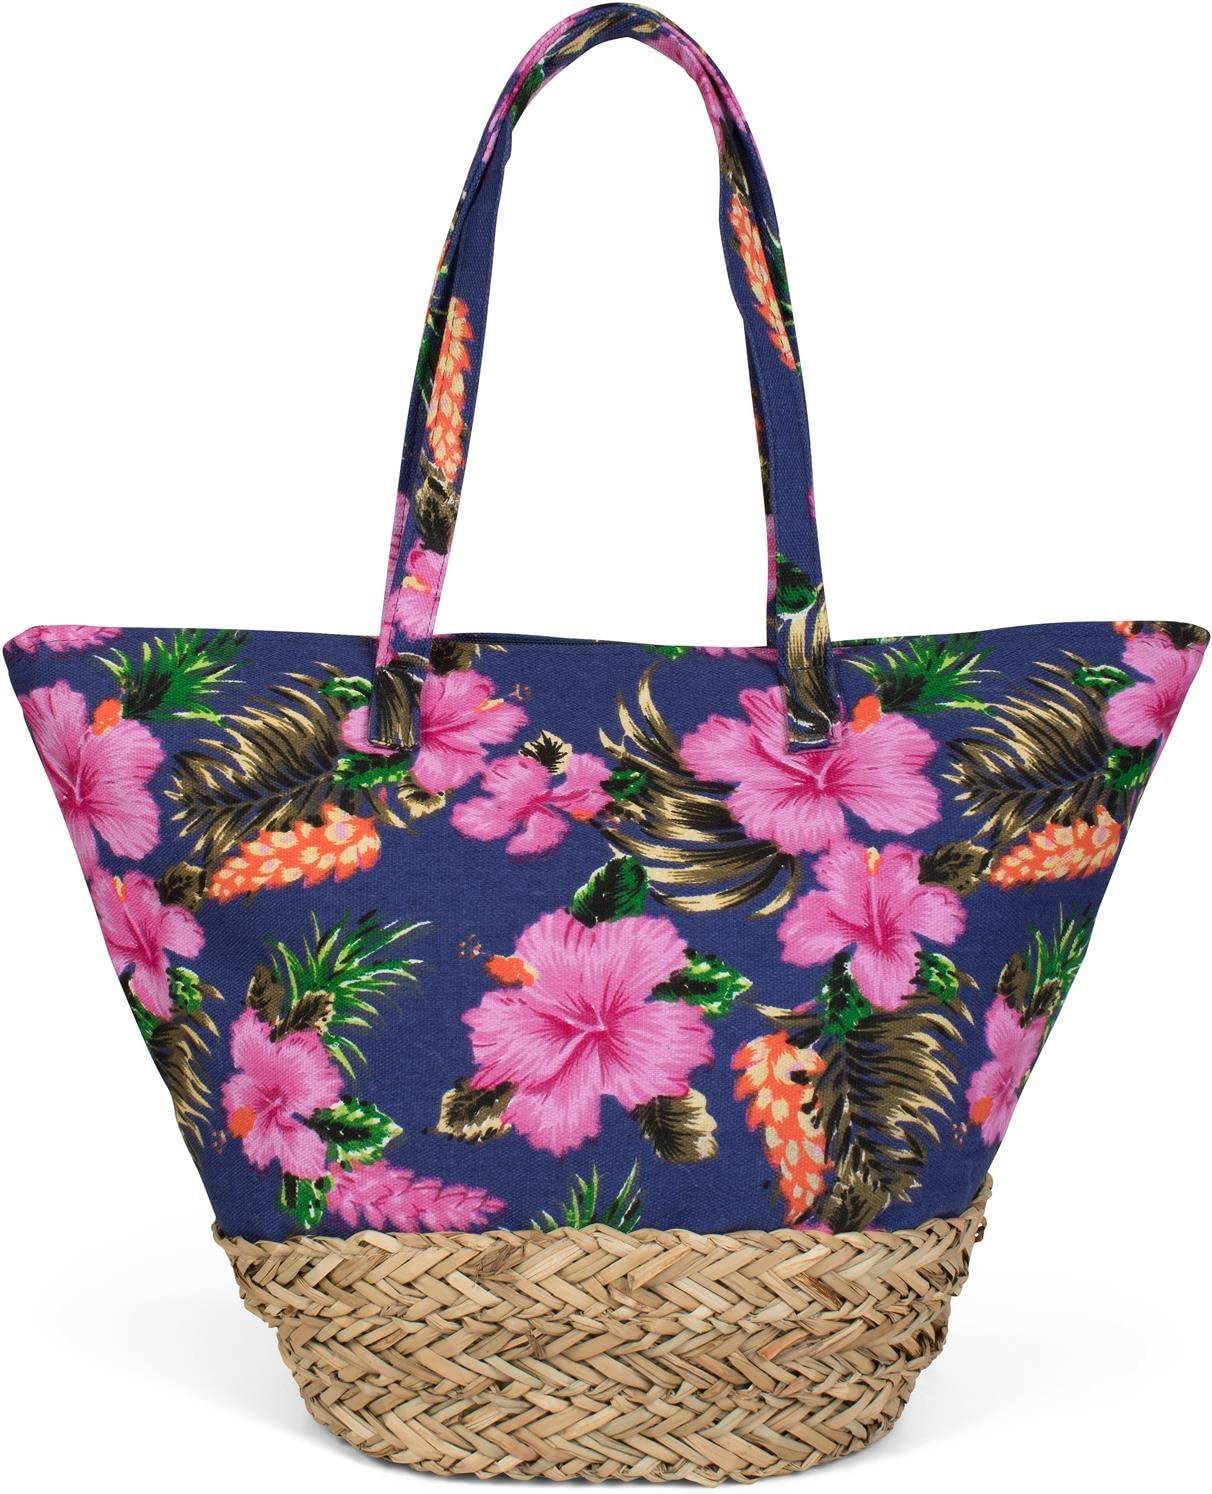 styleBREAKER Bolso para la Playa con un Colorido Estampado de hibiscos, Rafia en la Base y Cremallera, Bolso de Hombro, Bolso de Tipo «Shopper», señora 02012233, Color:Azul Oscuro